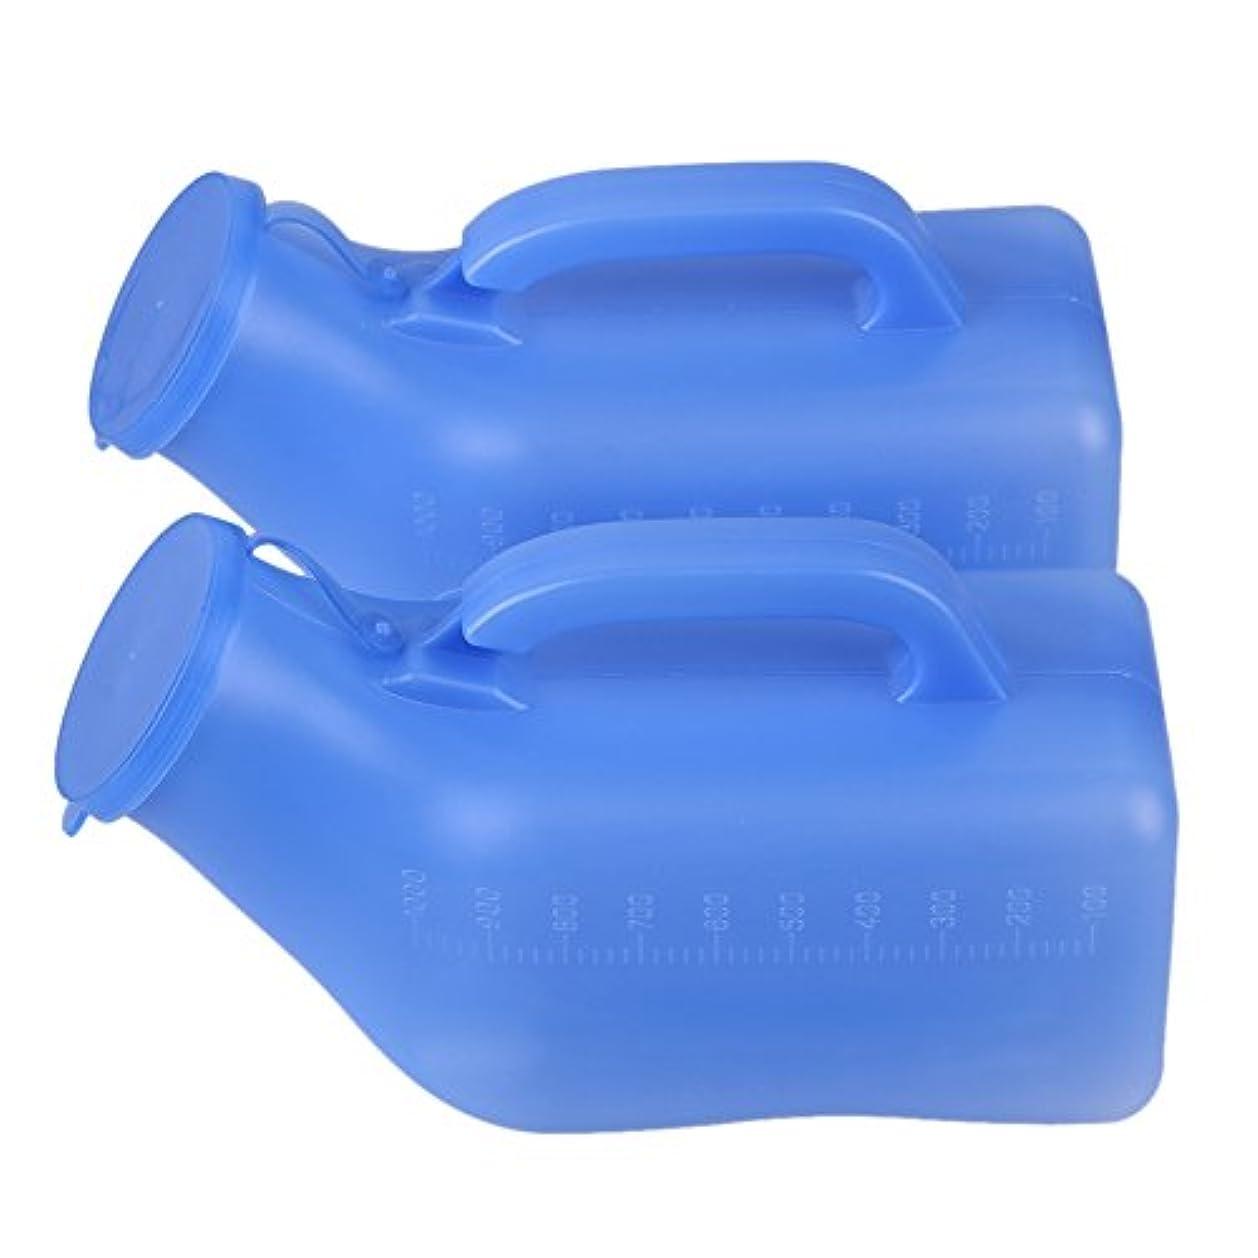 自動素敵な均等にKaity office 2個入れ 男性用尿瓶 尿器 排尿ボトル 洗い簡単 軽量 使いやすい 音なし プラスチック 1000ml ブルー